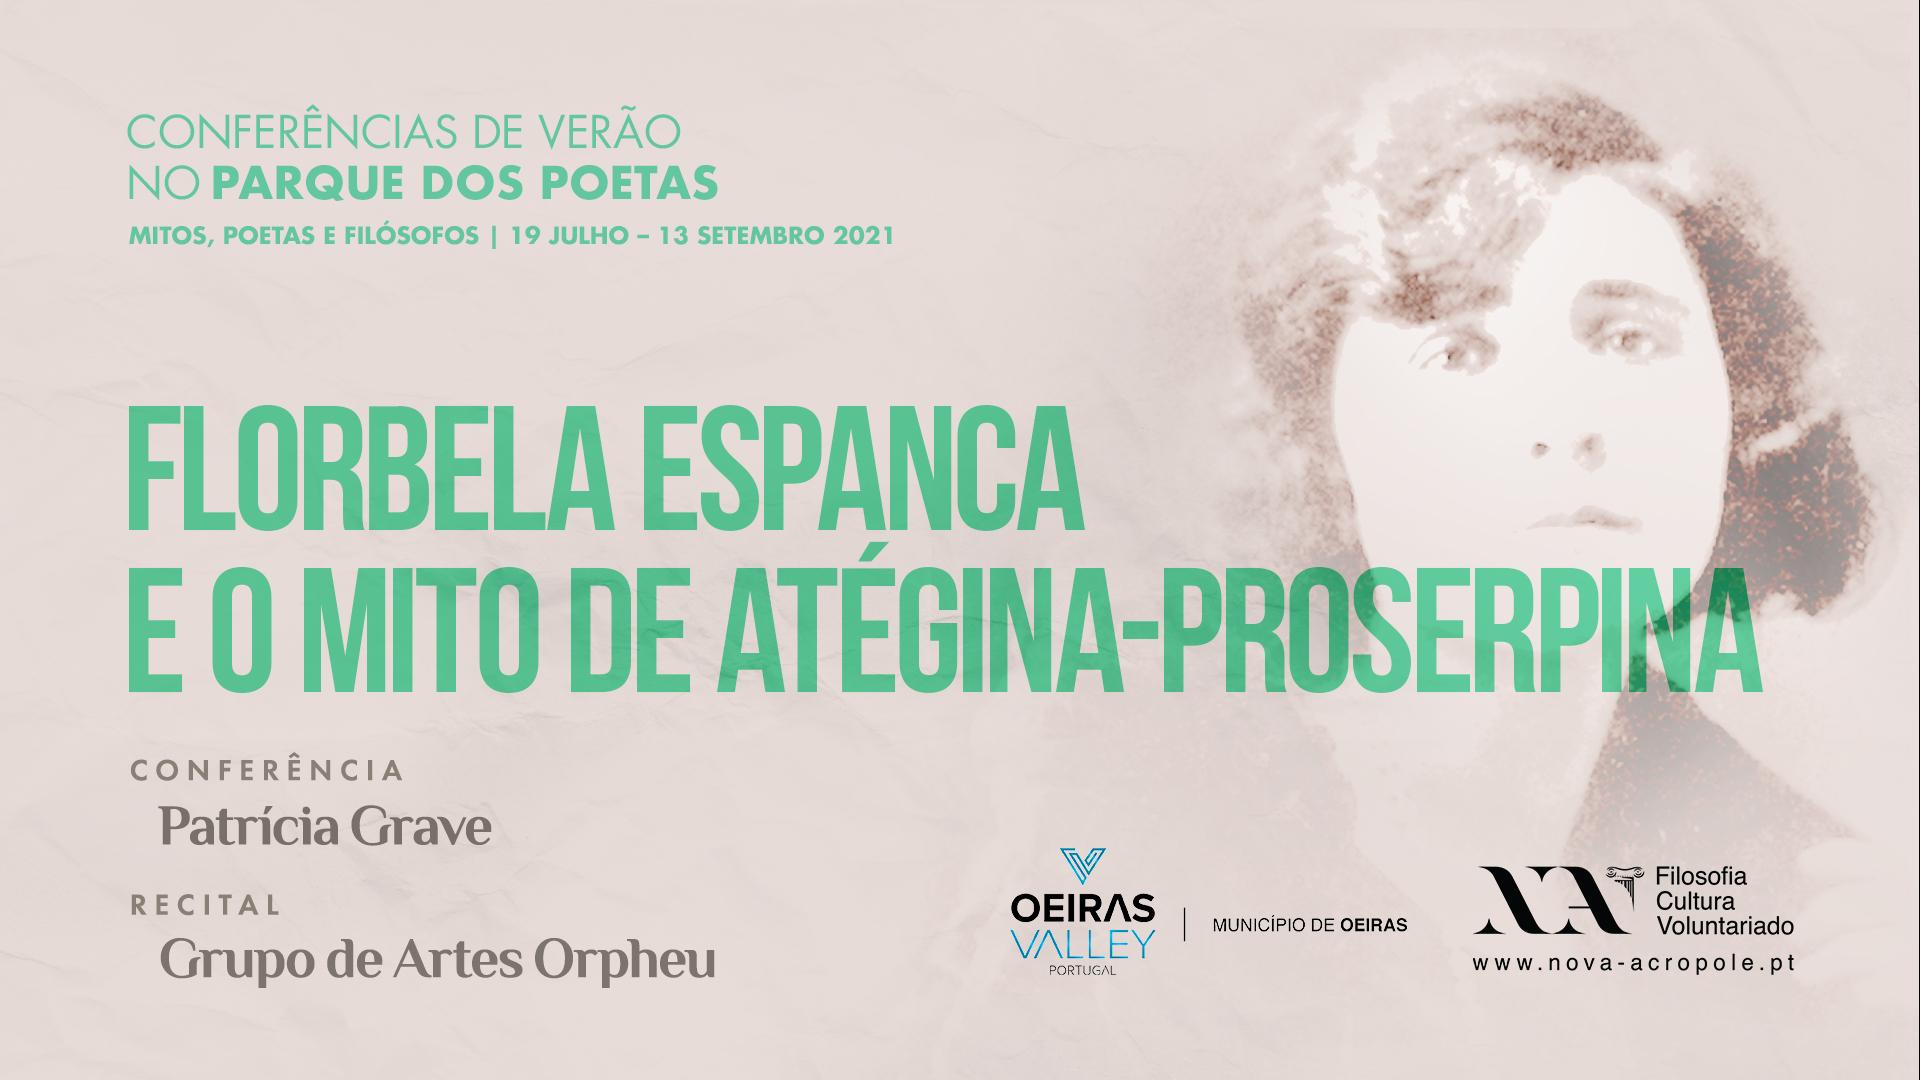 II Ciclo de Conferências de Verão: Florbela Espanca e o mito de Atégina-Proserpina